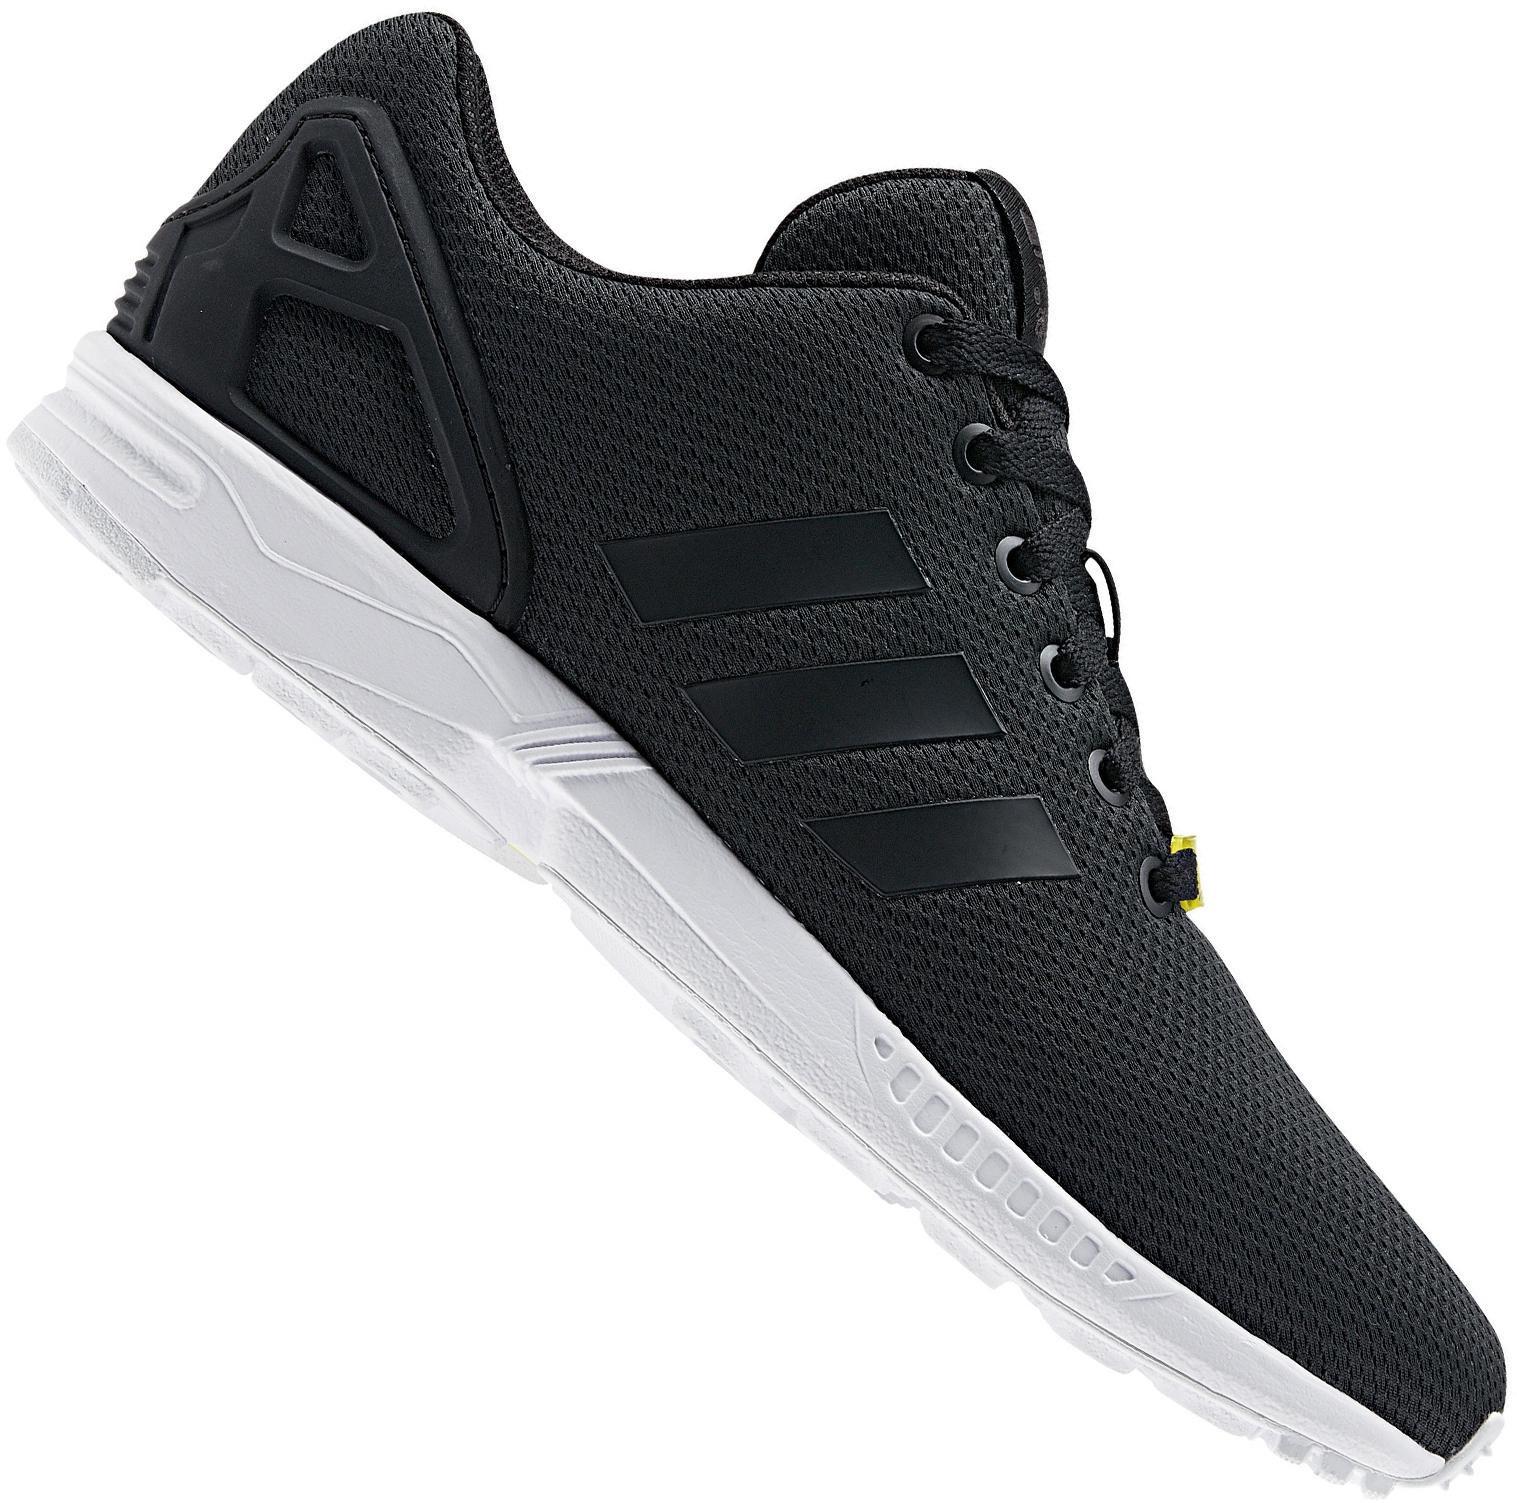 innovative design 8ee92 dbea0 Adidas ZX Flux günstig online im Preisvergleich auf Preis.de✓